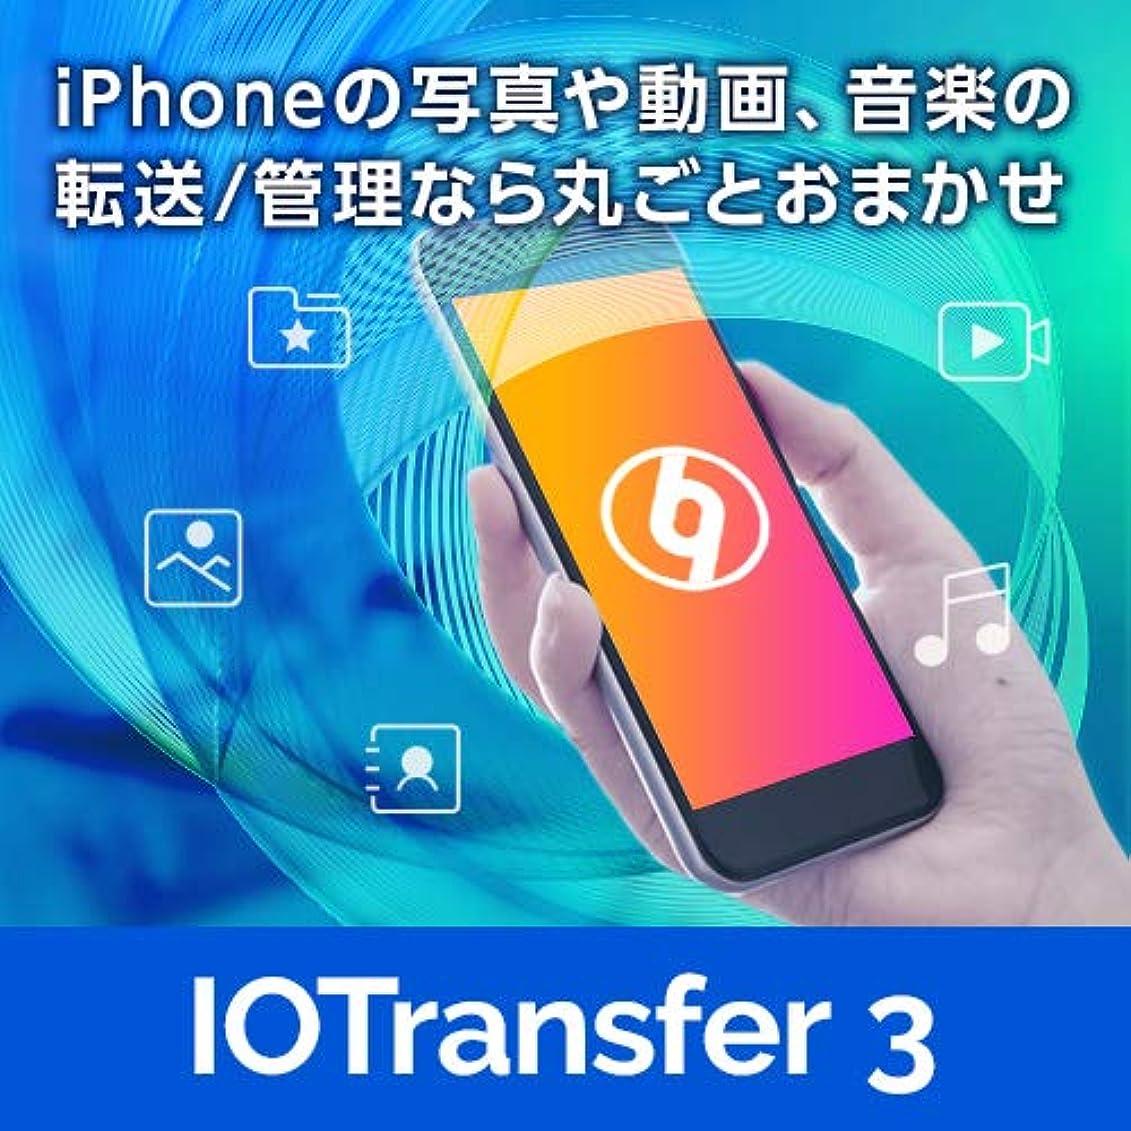 IOTransfer 3 PRO 3ライセンス 【iPhoneの写真や動画、音楽の転送/管理なら丸ごとおまかせ】|ダウンロード版